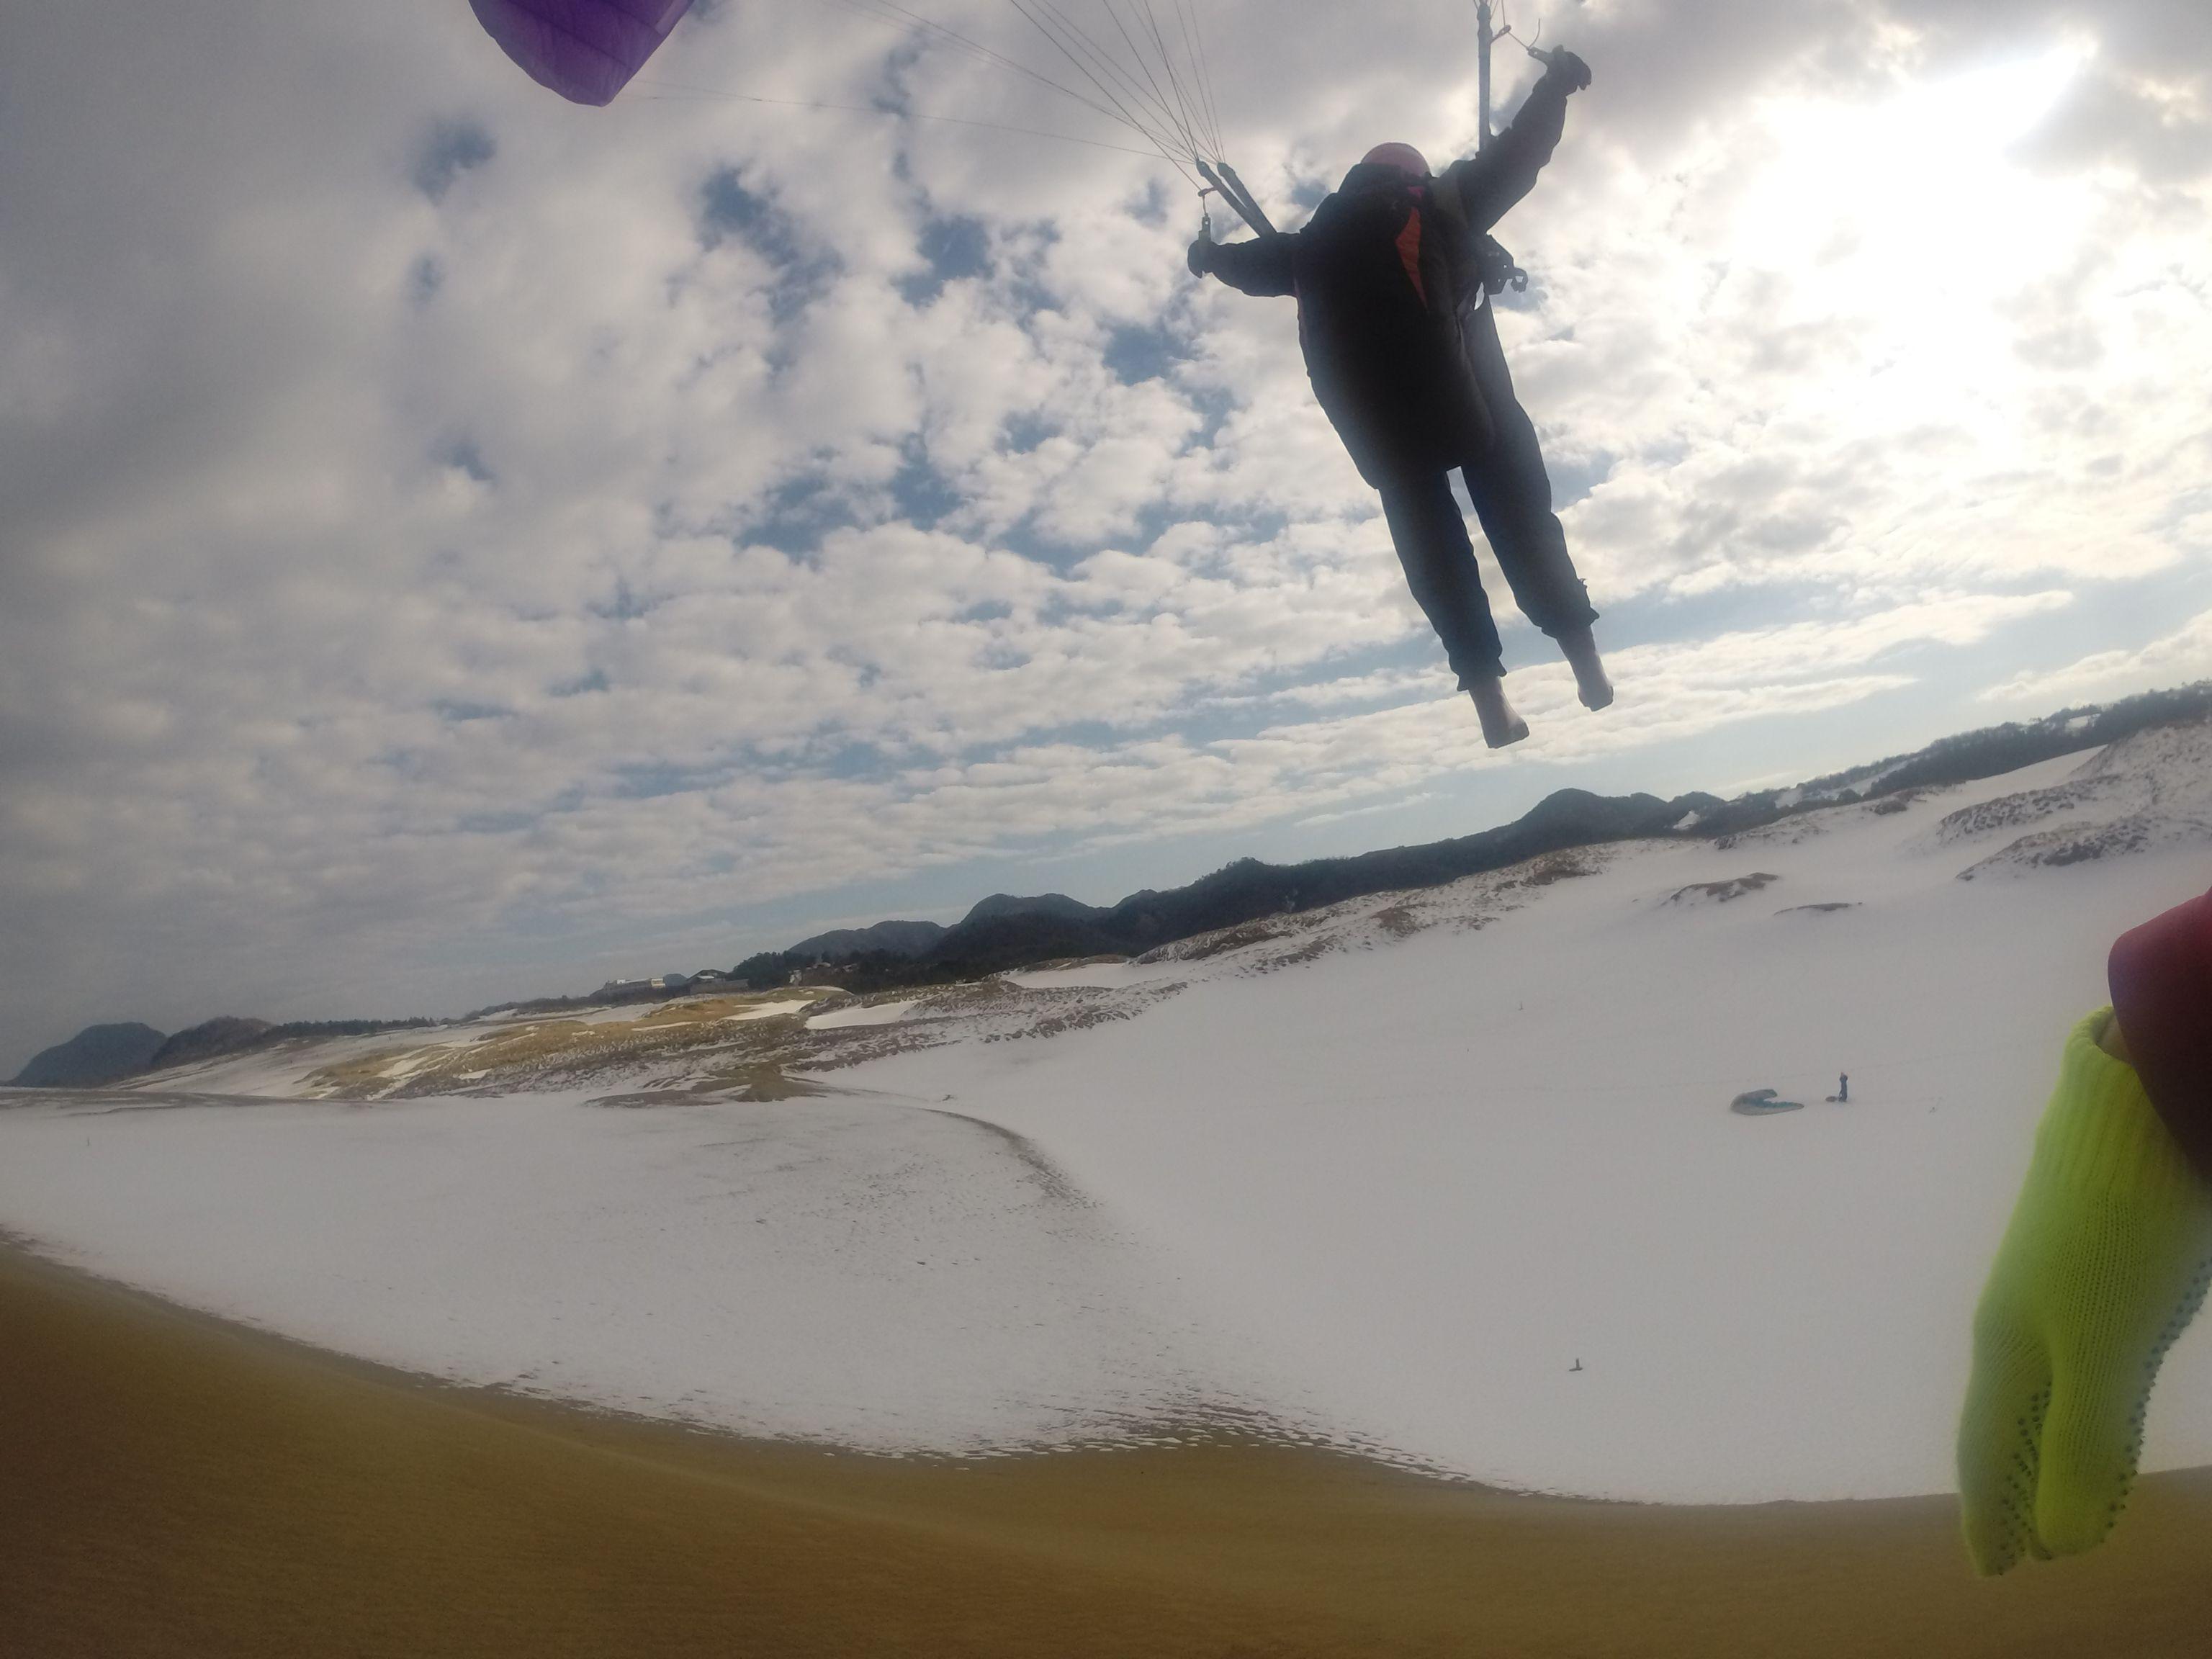 冬なのに、最高の飛行が楽しめました